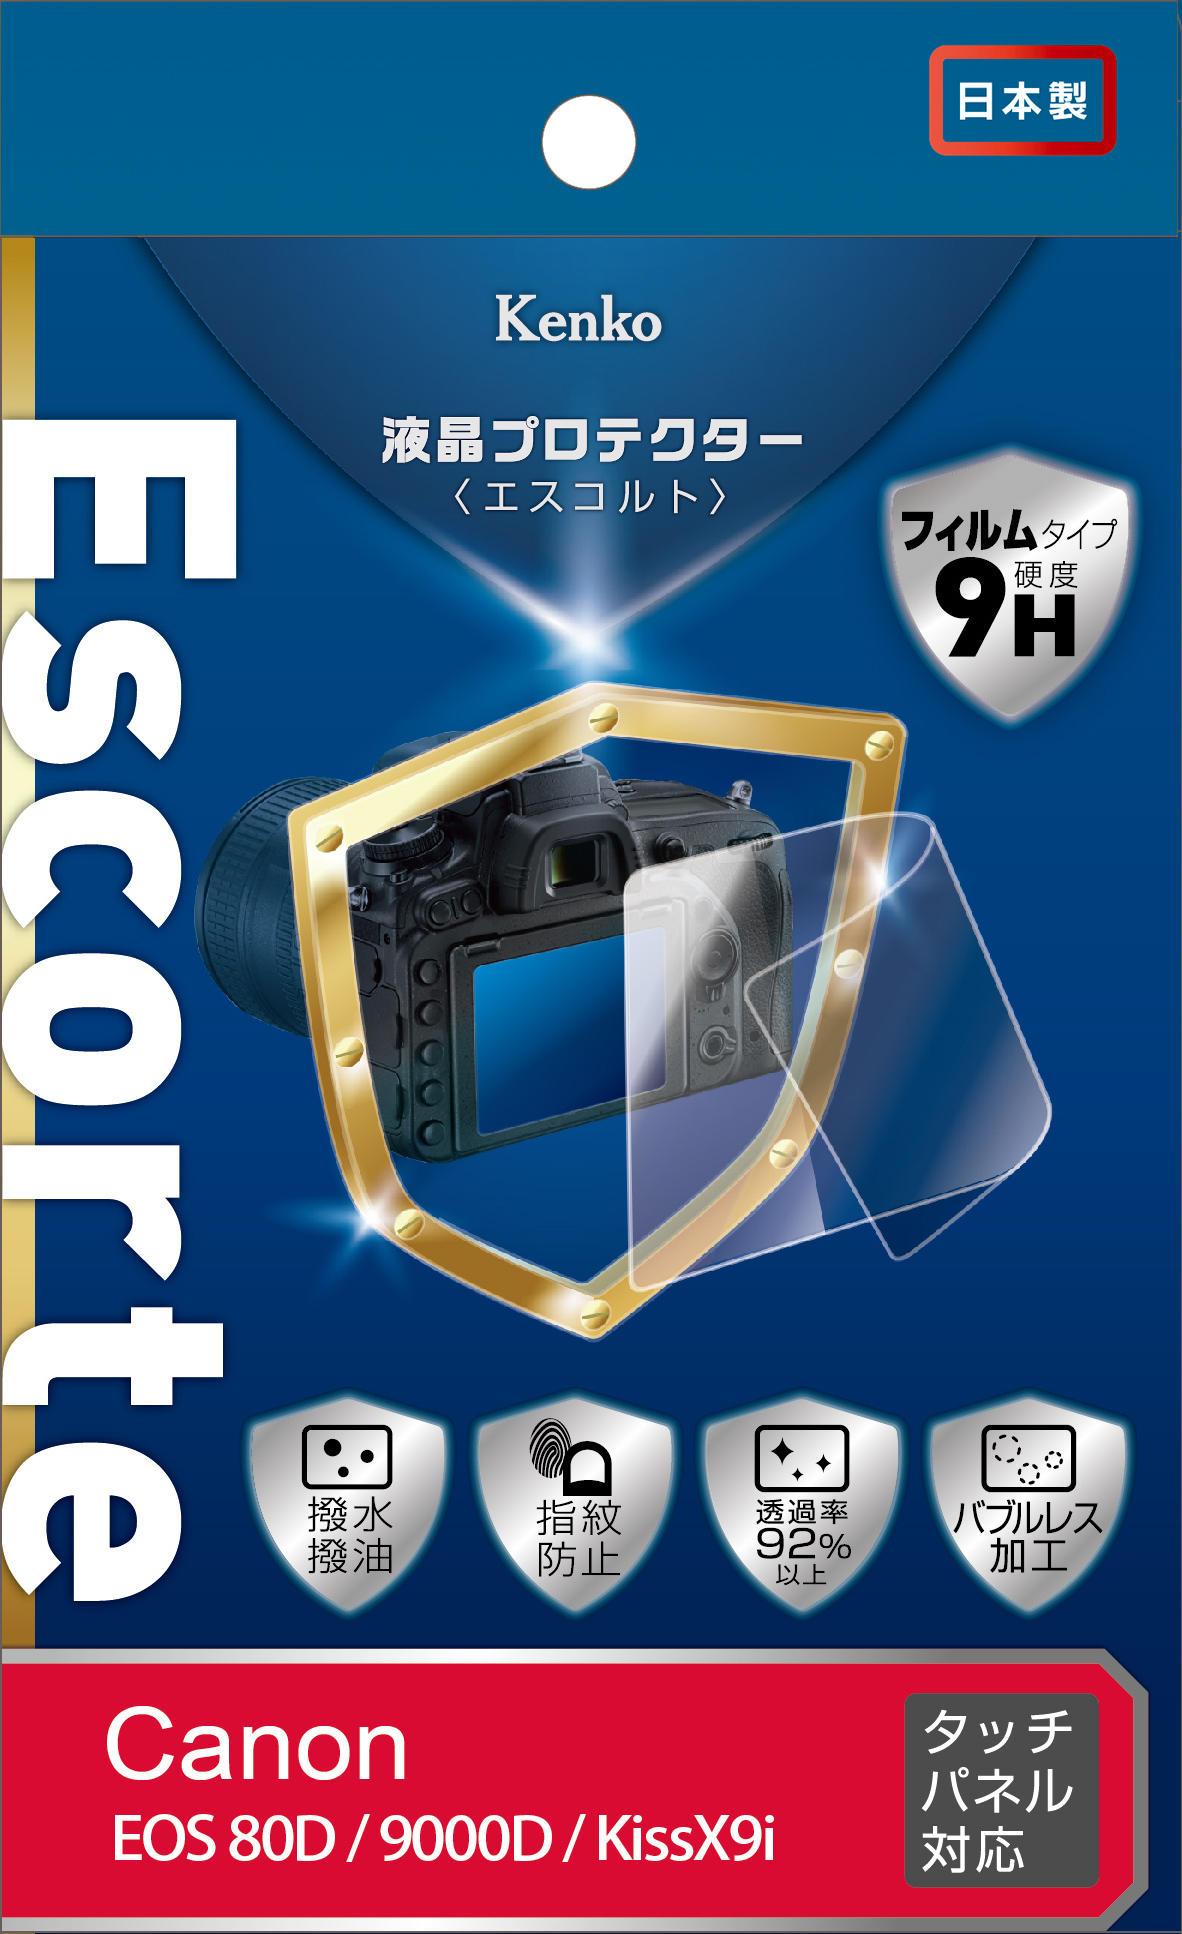 http://www.kenko-tokina.co.jp/imaging/eq/mt-images/4961607671702.jpg